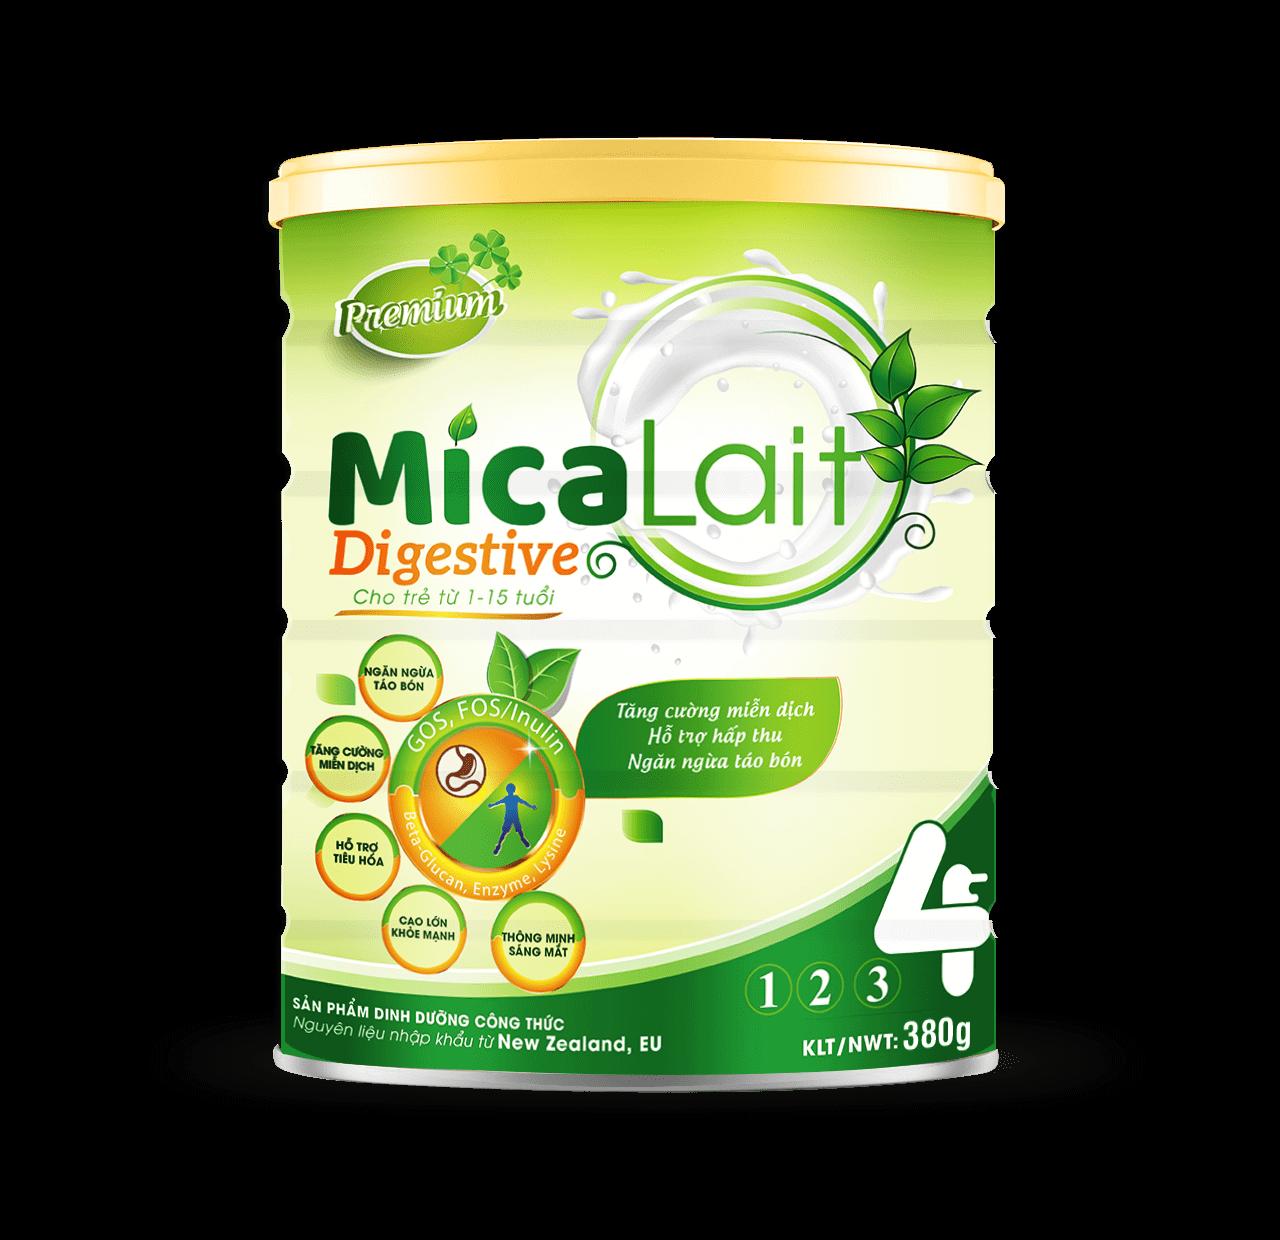 Sữa Micalait Degestive